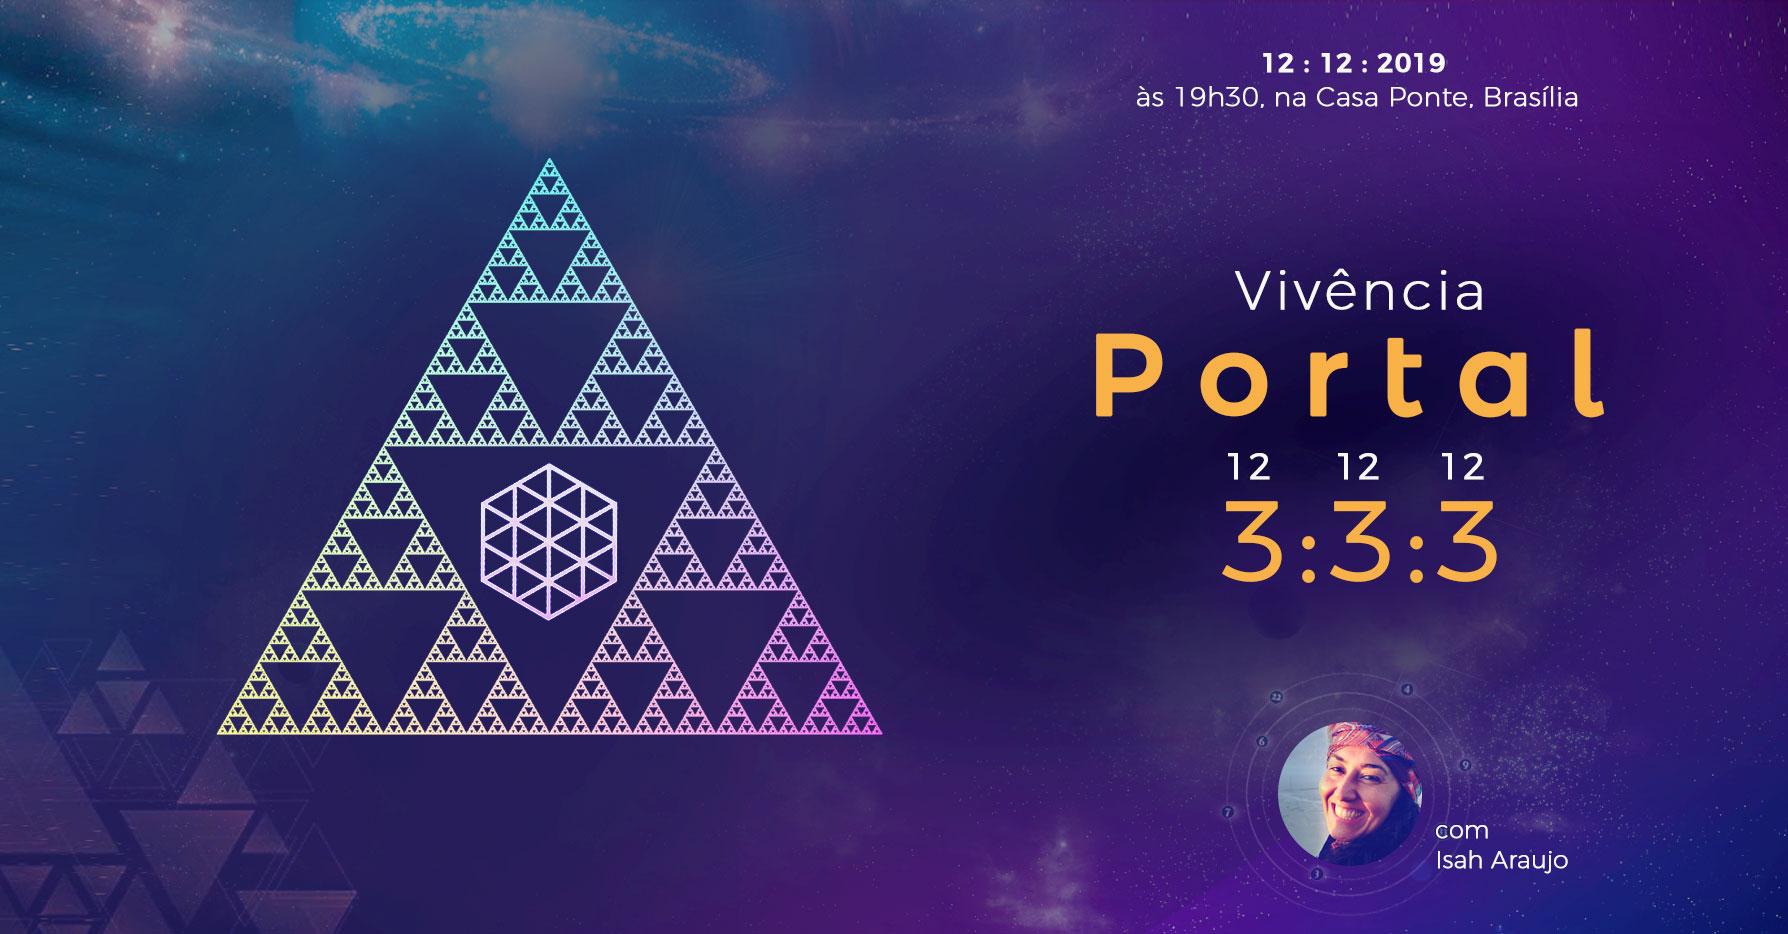 vivência Portal 333